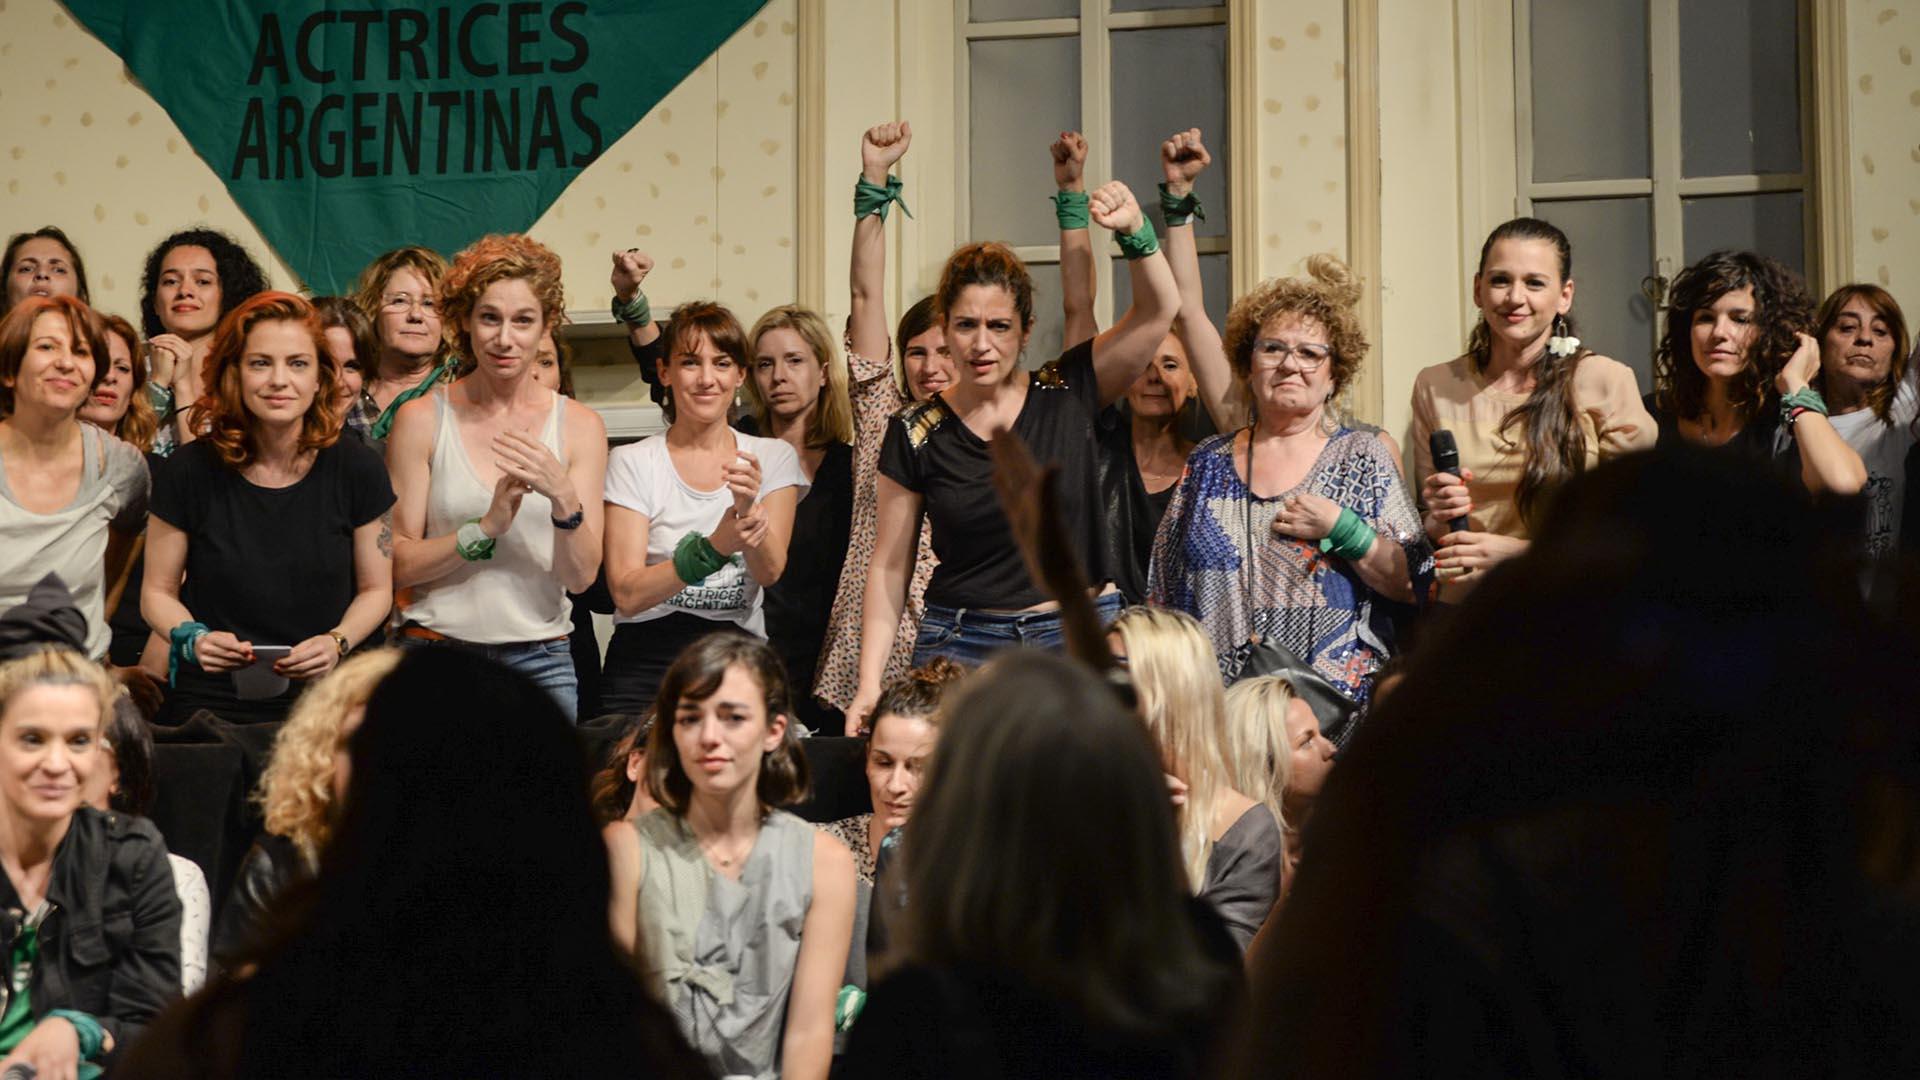 Las actrices también agradecieron a algunas integrantes de la Campaña por el Aborto Legal, Seguro y Gratuito que estaban presentes en la sala